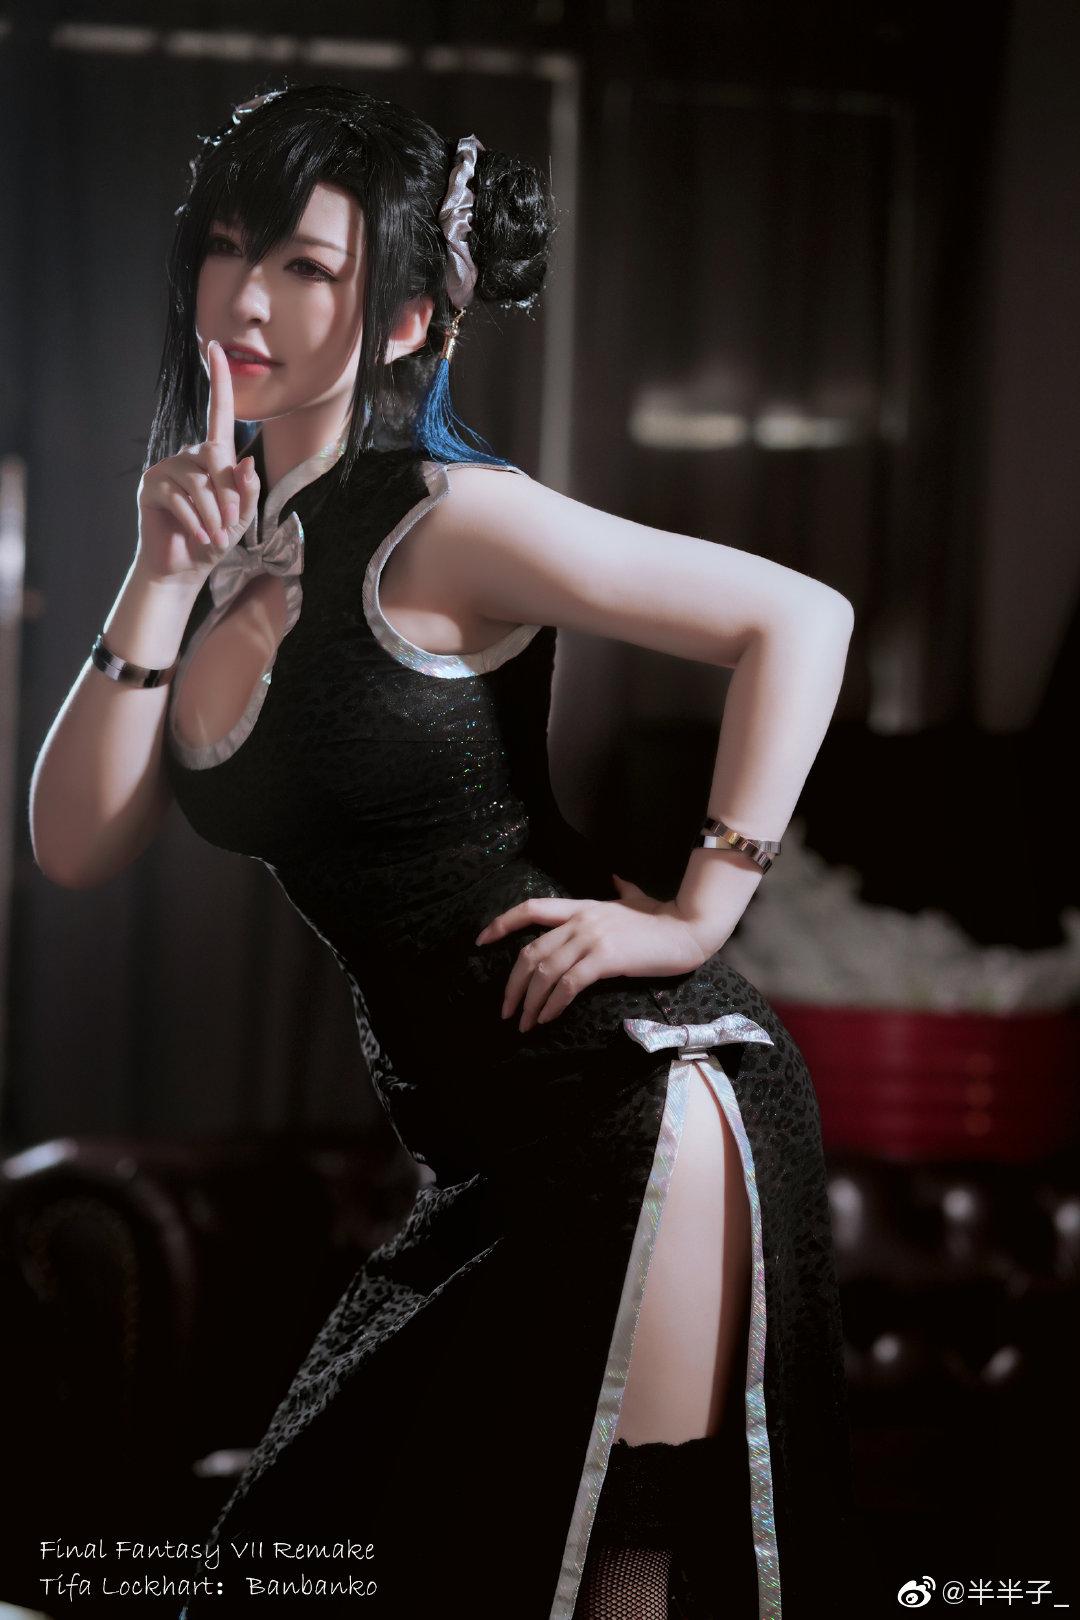 最终幻想7重制版   蒂法·洛克哈特   @半半子_ (9P)-第7张